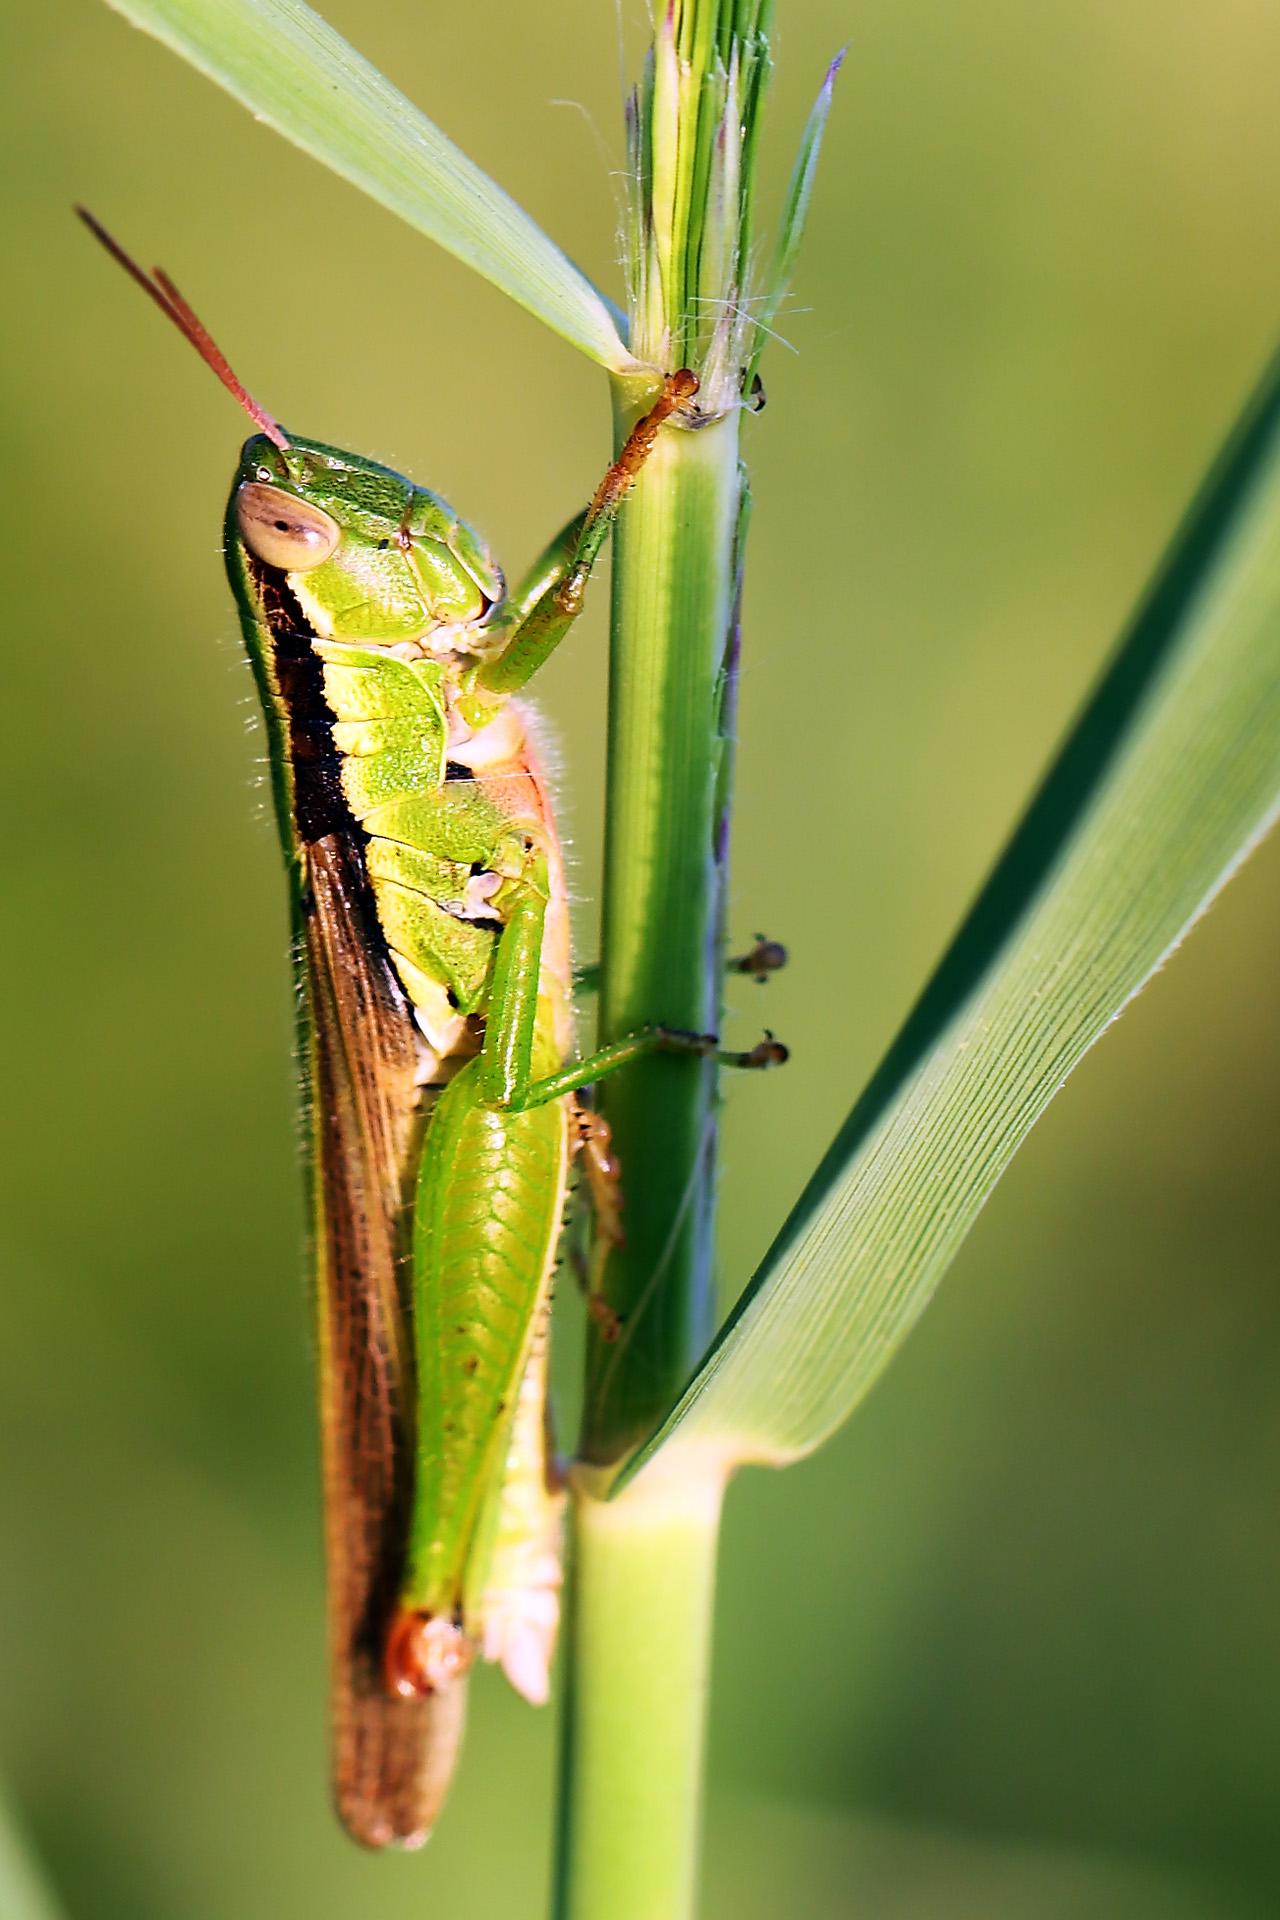 wangsadslr作品:蝗虫